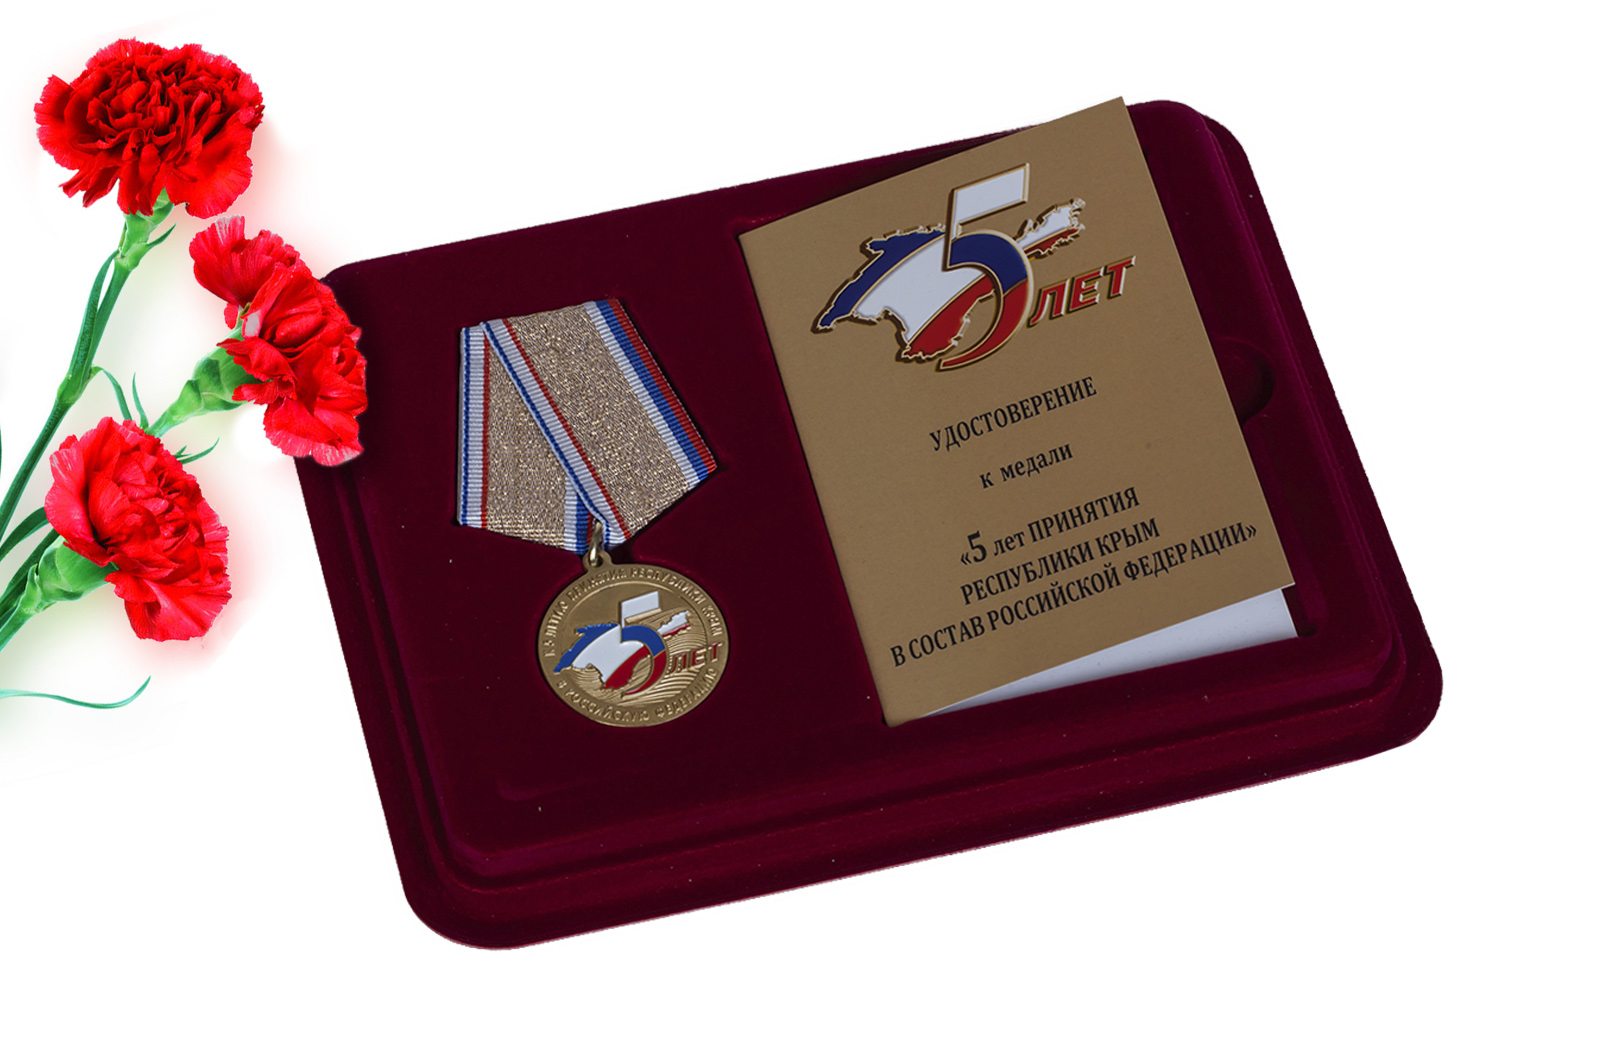 Купить памятную медаль 5 лет принятия Республики Крым в состав РФ оптом или в розницу